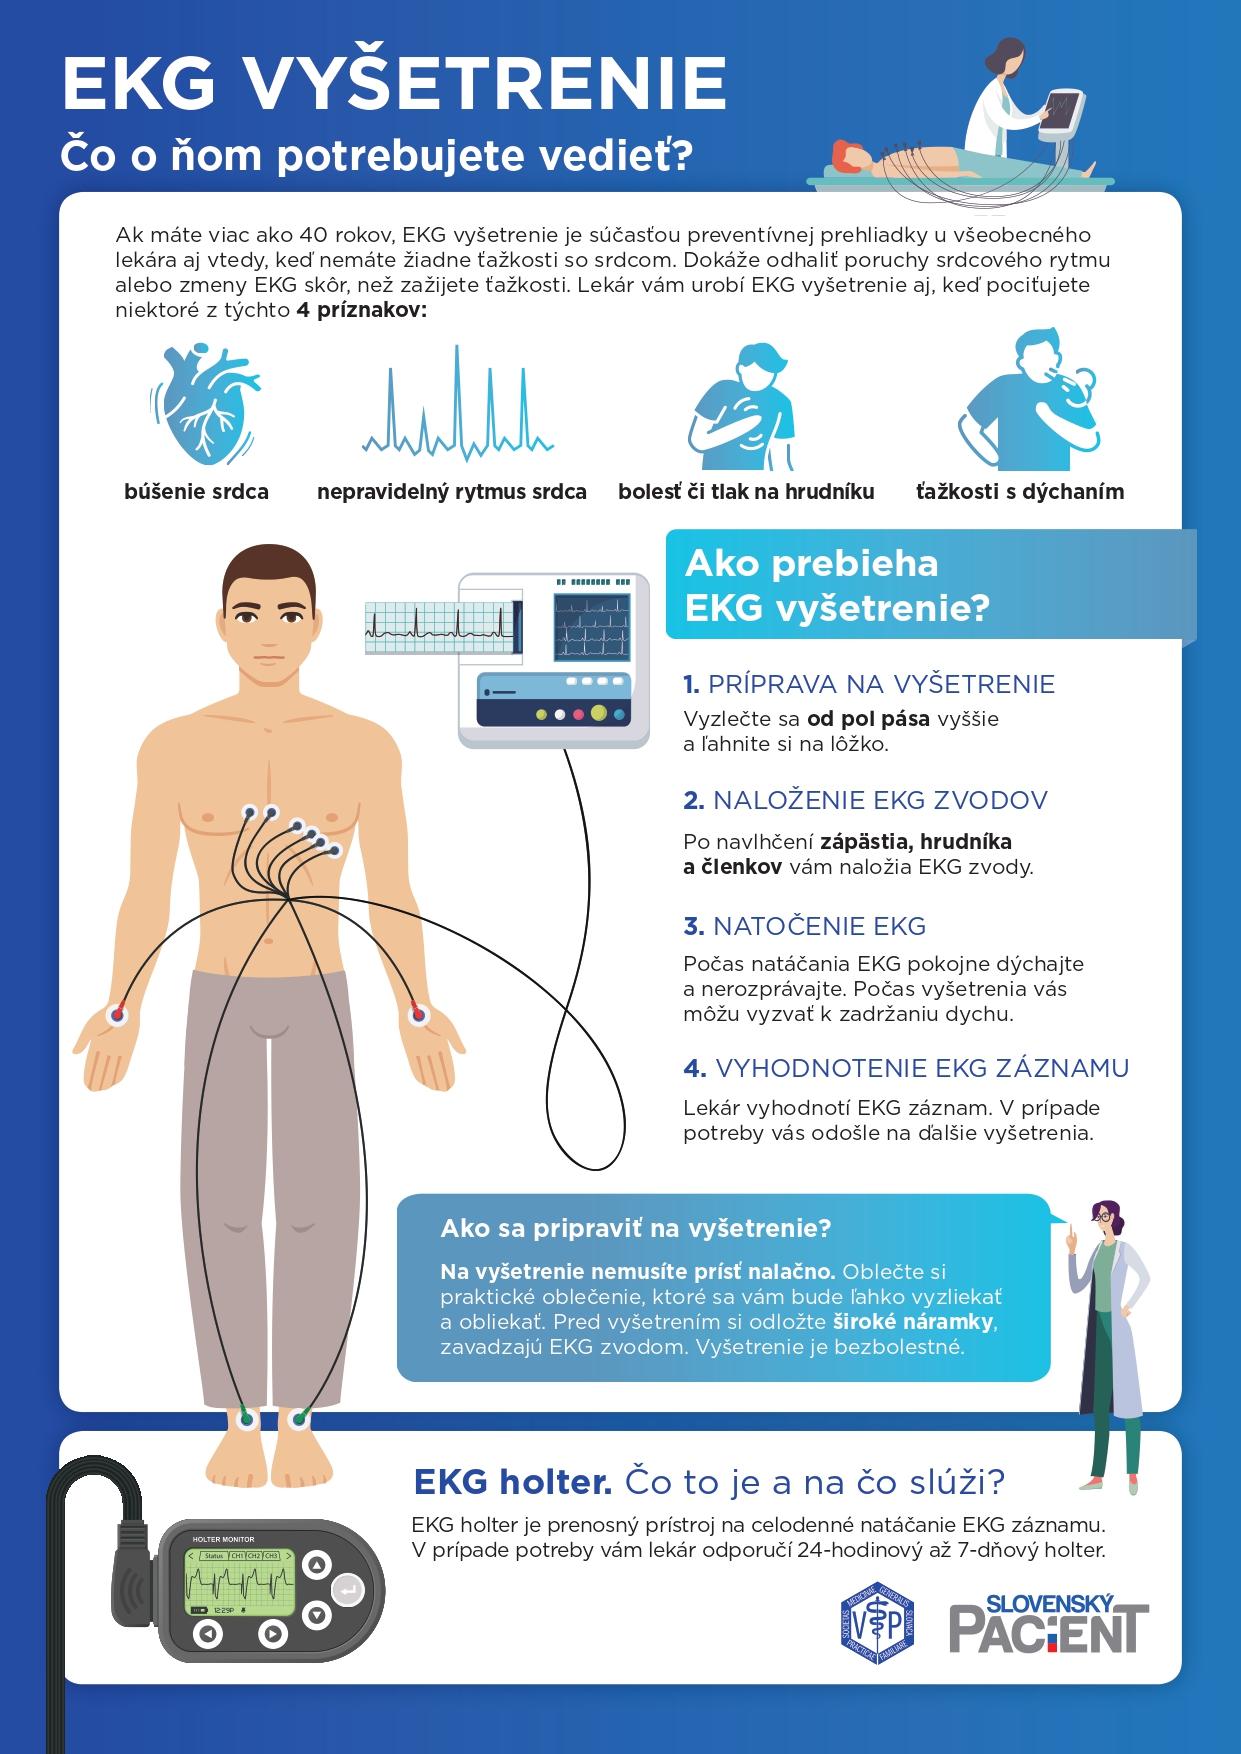 Ako prebieha EKG vyšetrenie? Čo je EKG holter?